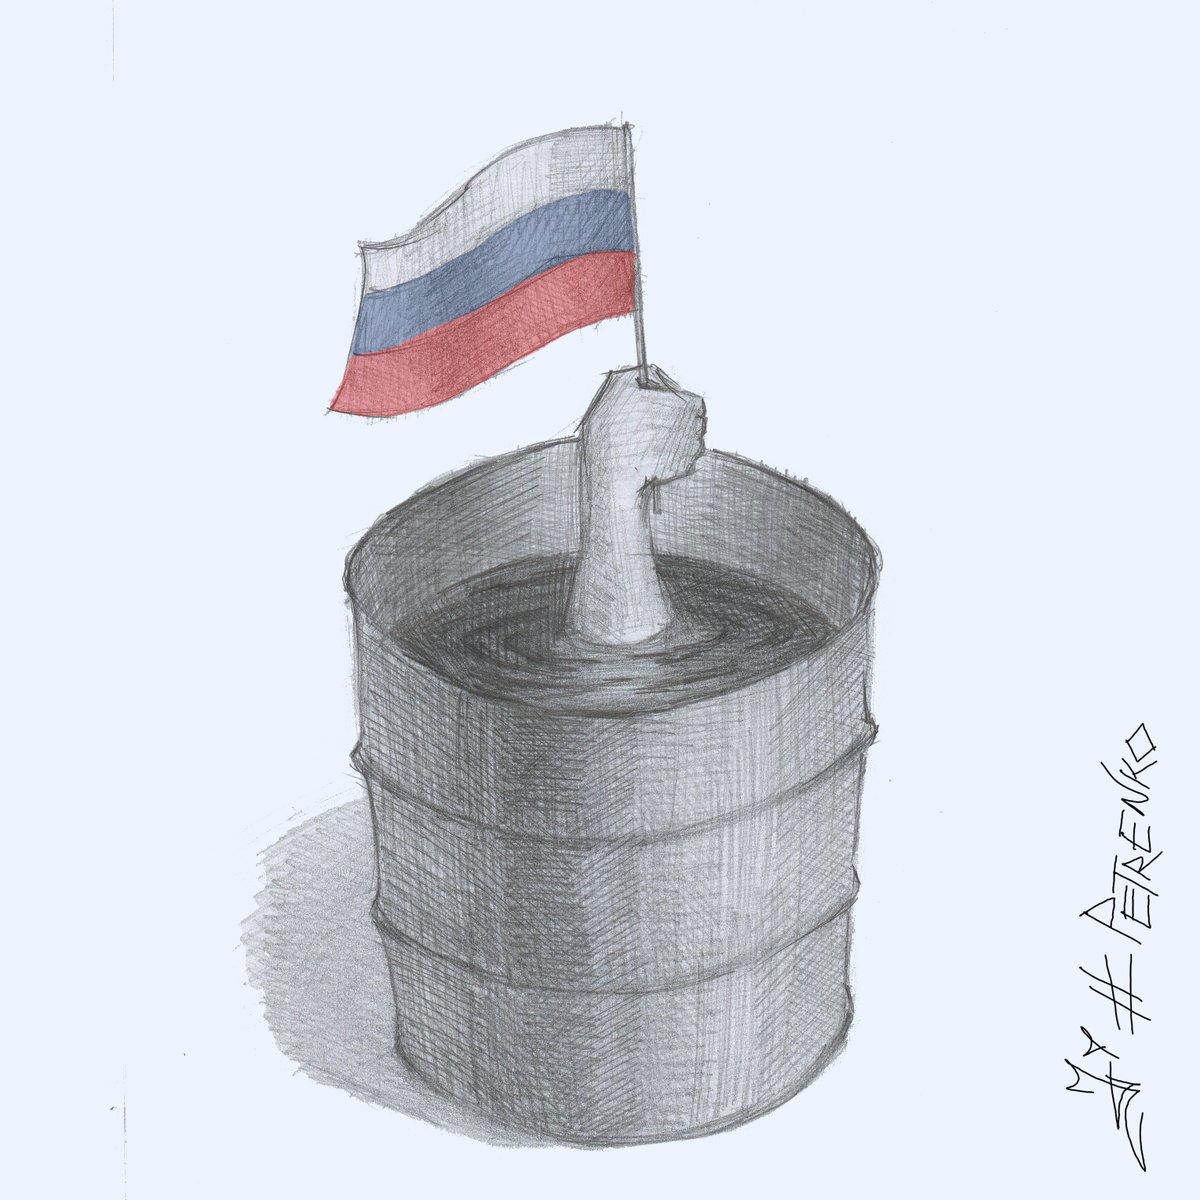 Цена нефти WTI в ходе торгов упала ниже $27 за баррель - Цензор.НЕТ 8869